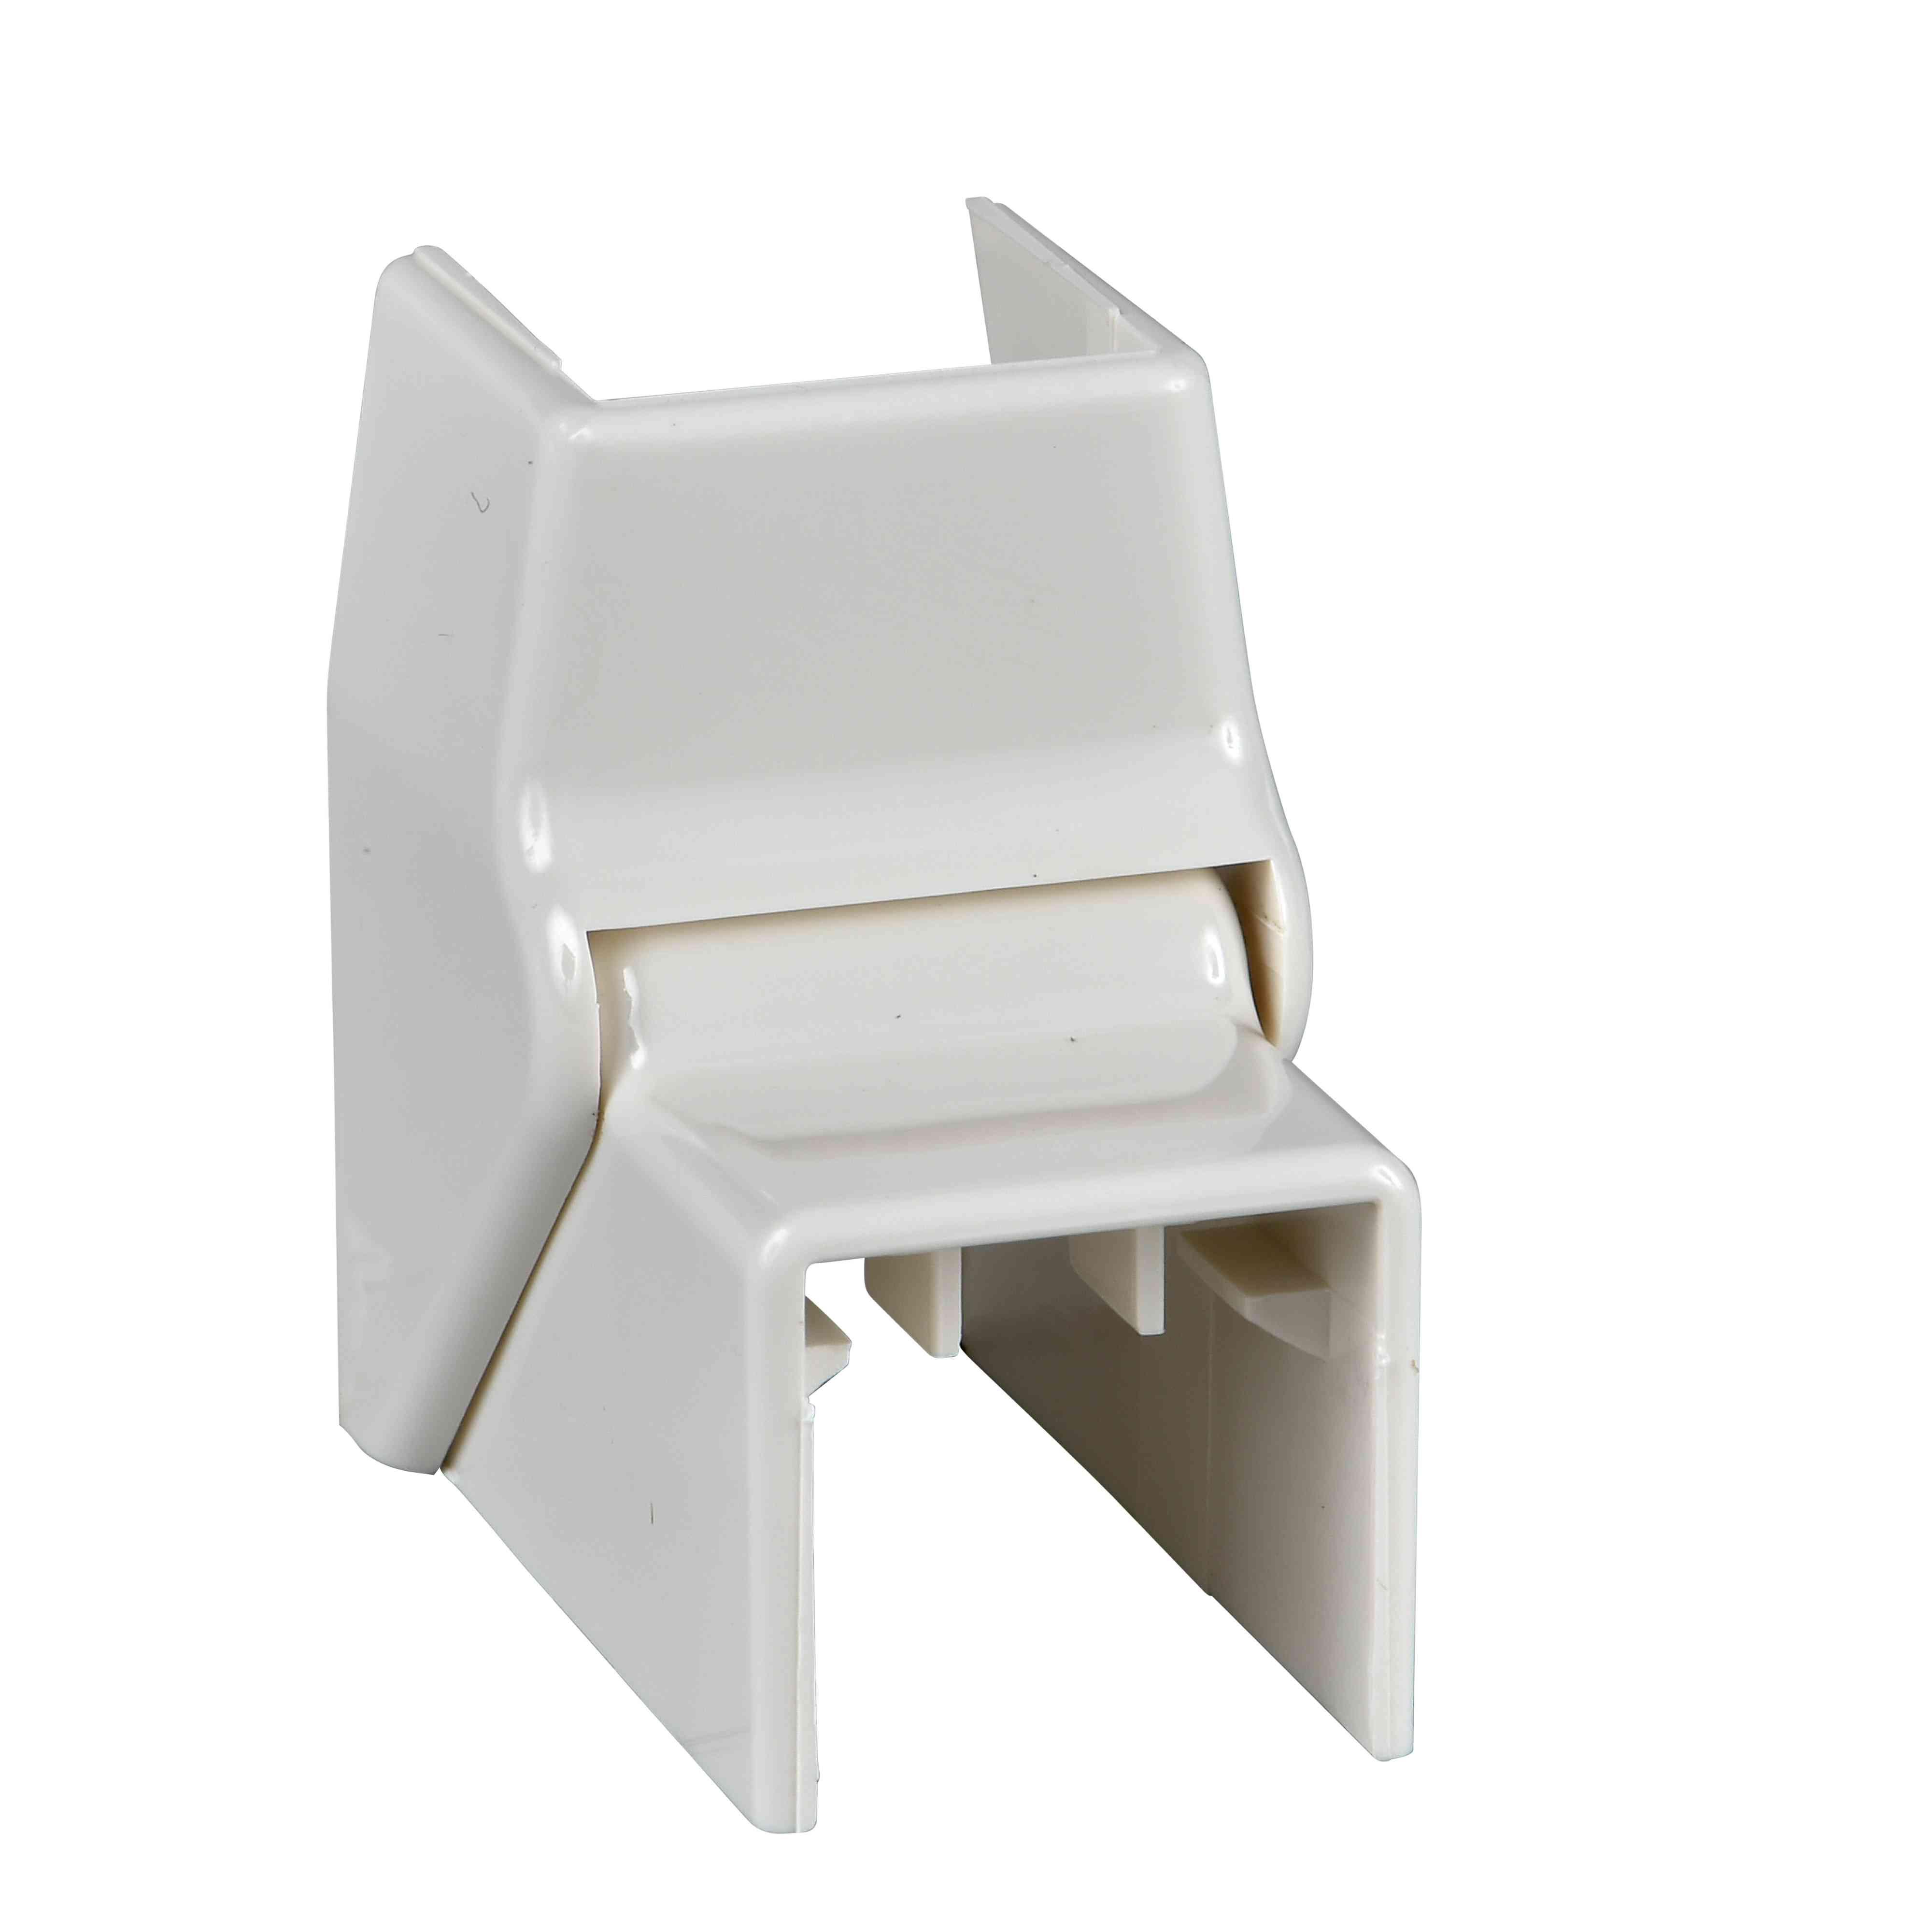 Ultra - prilagodljiv notranji kot - 16 x 16 mm - ABS - bel